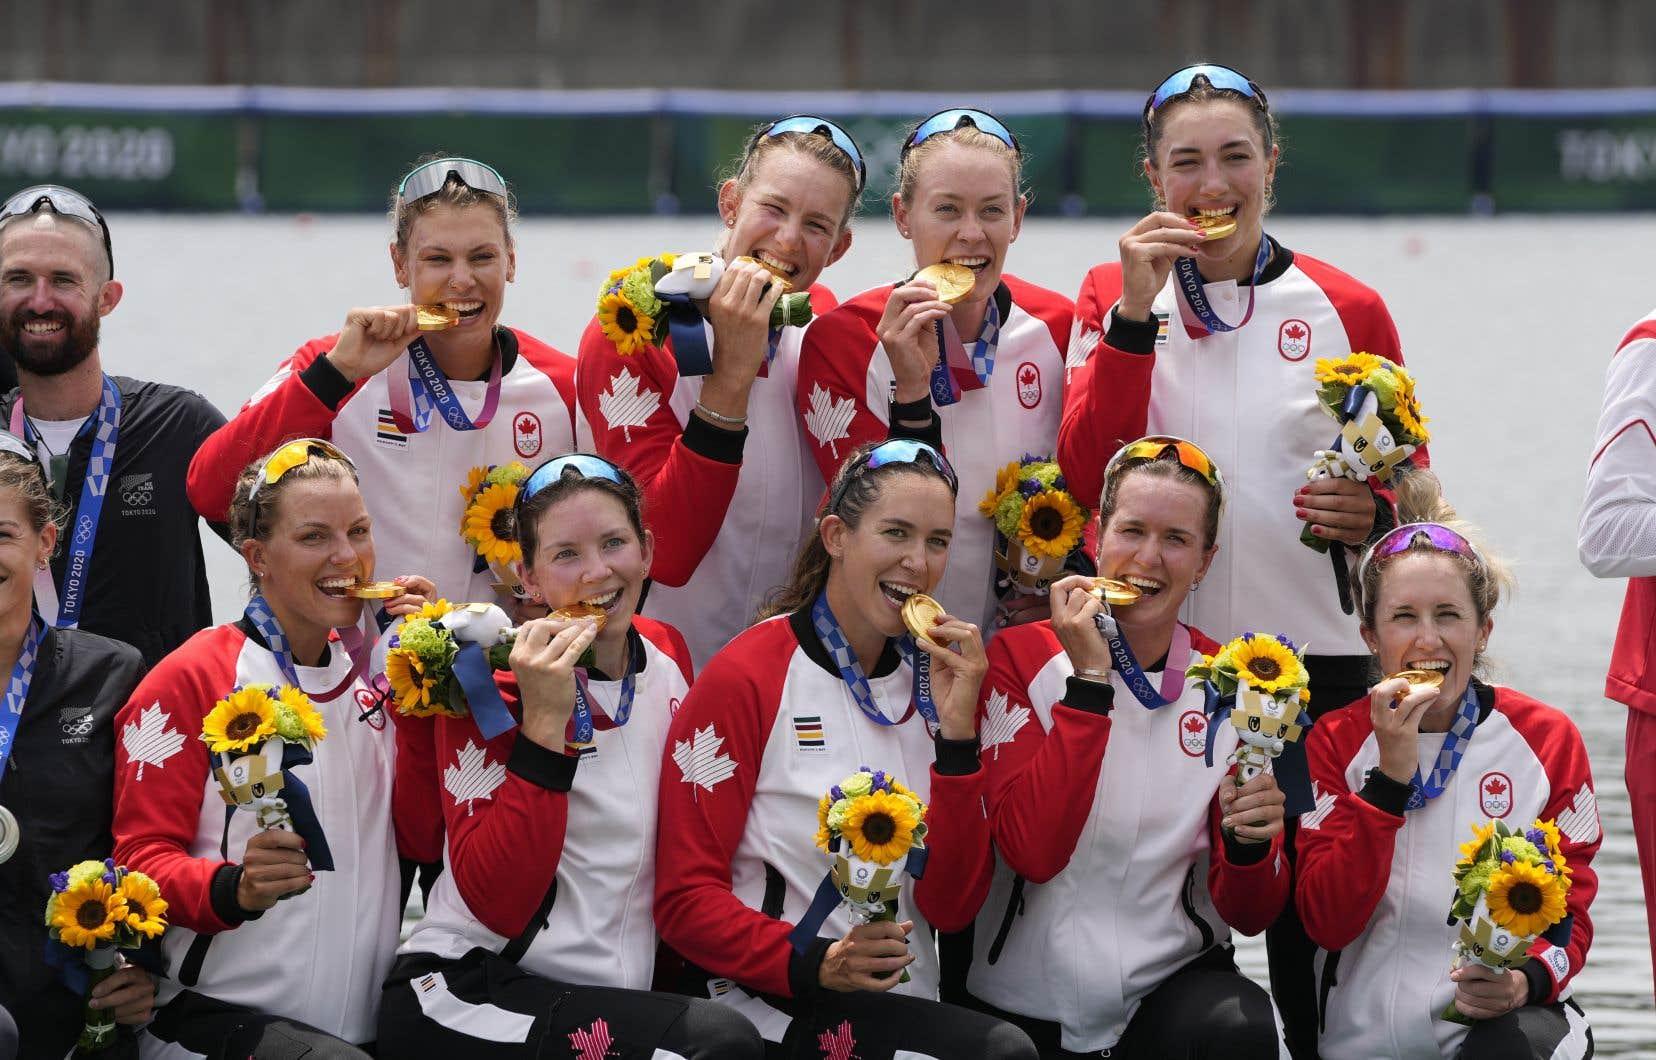 Les médaillées d'or Lisa Roman, Kasia Gruchalla-Wesierski,  Christine Roper, Andrea Proske, Susanne Grainger, Madison Mailey, Sydney Payne, Avalon Wasteneys et Kristen Kit du Canada ont  remporté le huit d'aviron féminin vendredi.